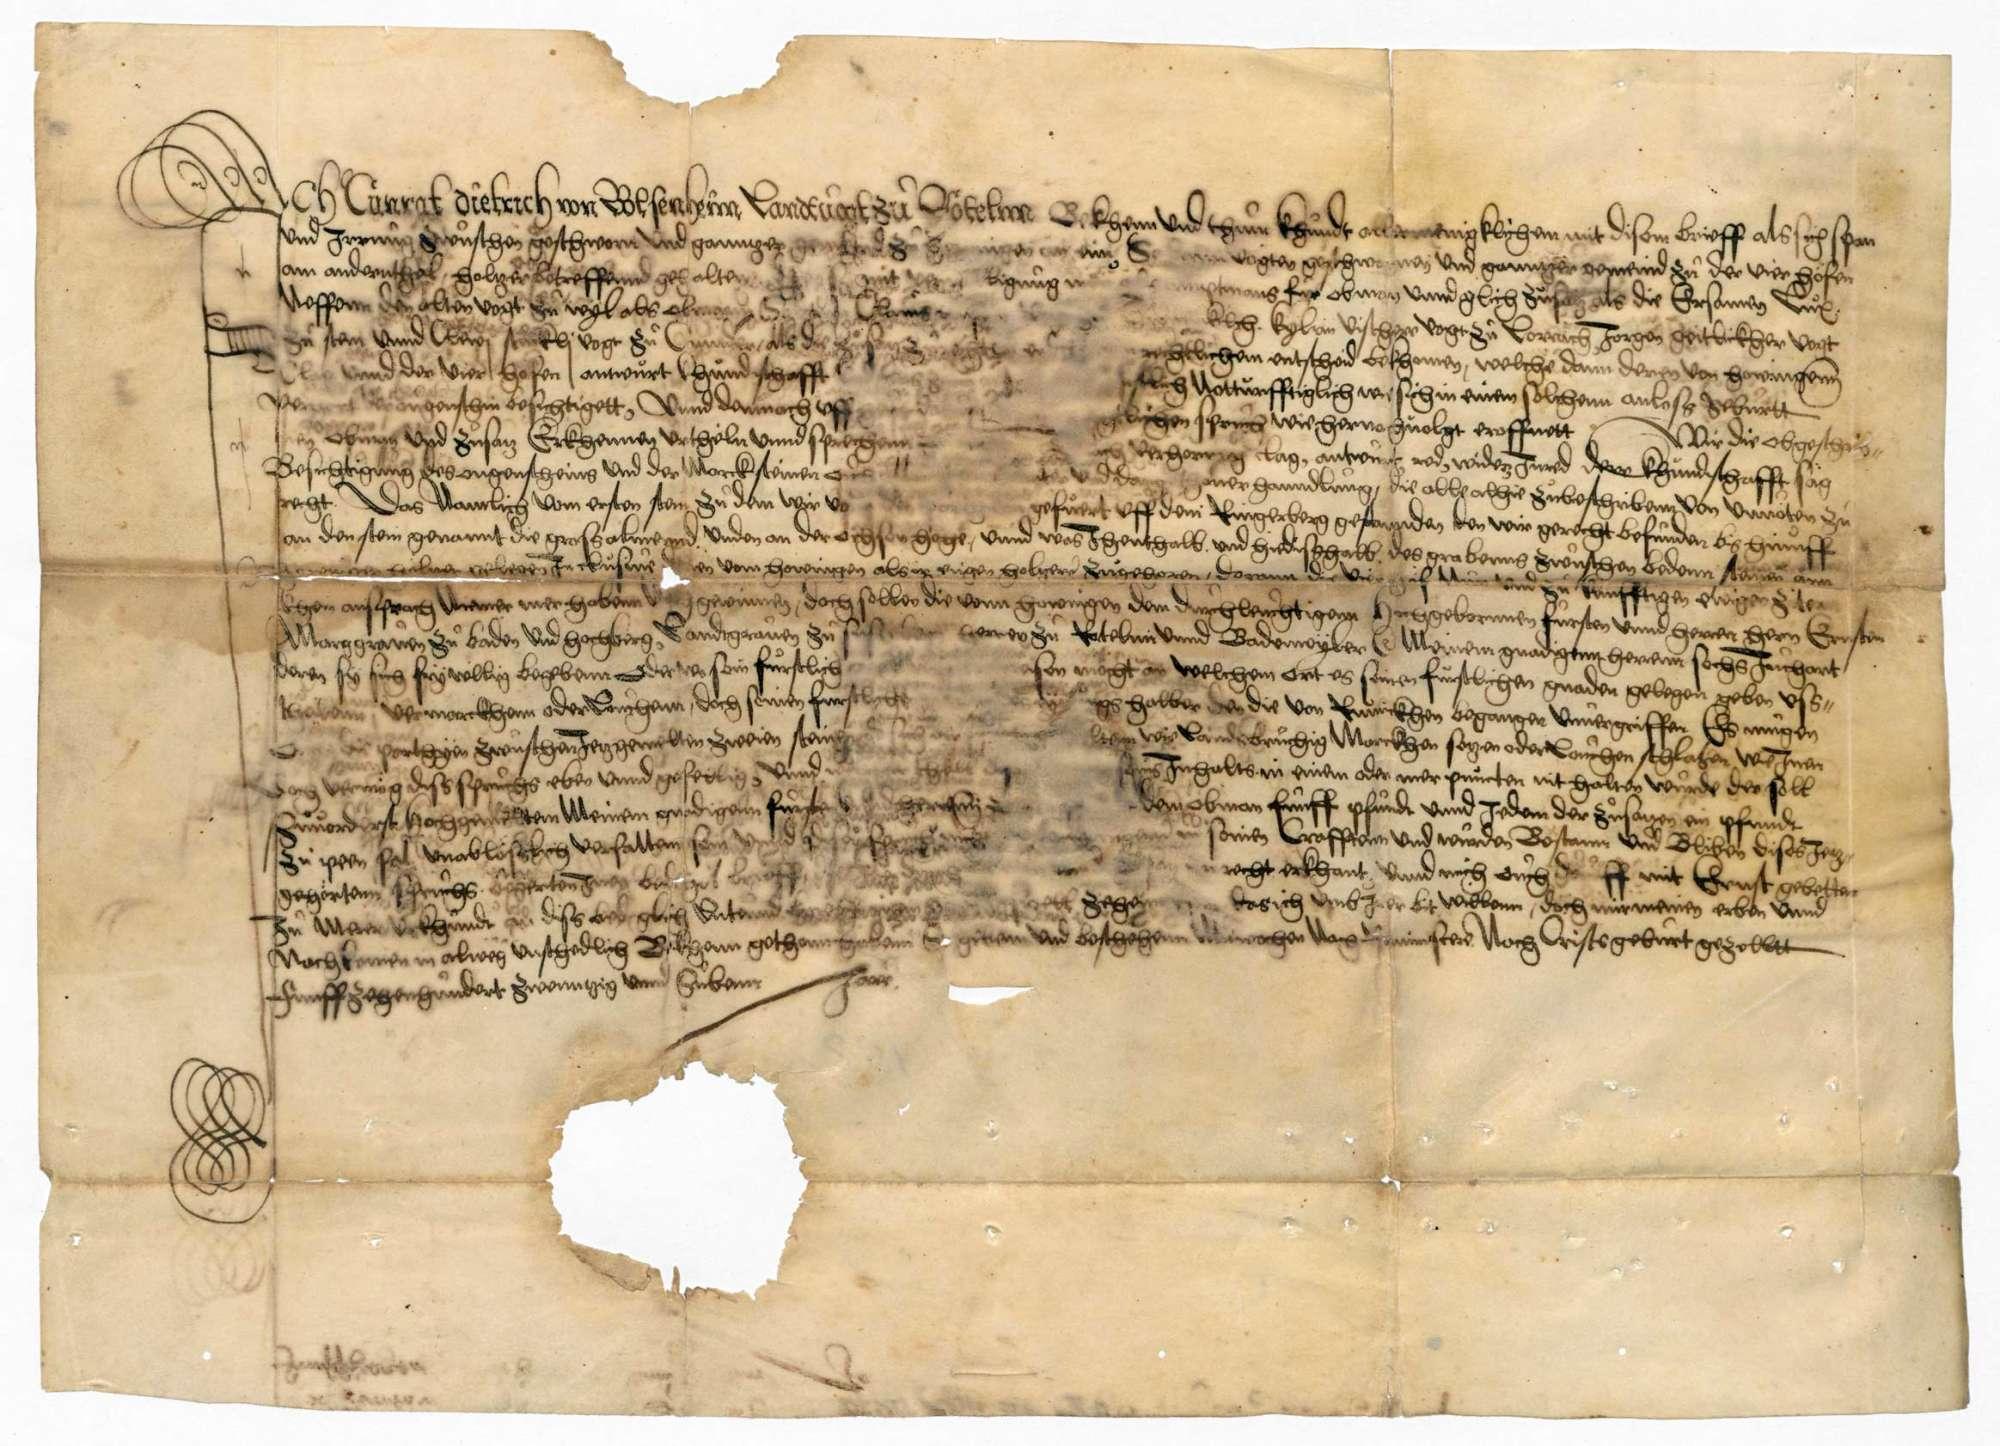 Schriftverkehr und Liste über Urkunden und Dokumente der Gemeinde Hauingen, Bild 1